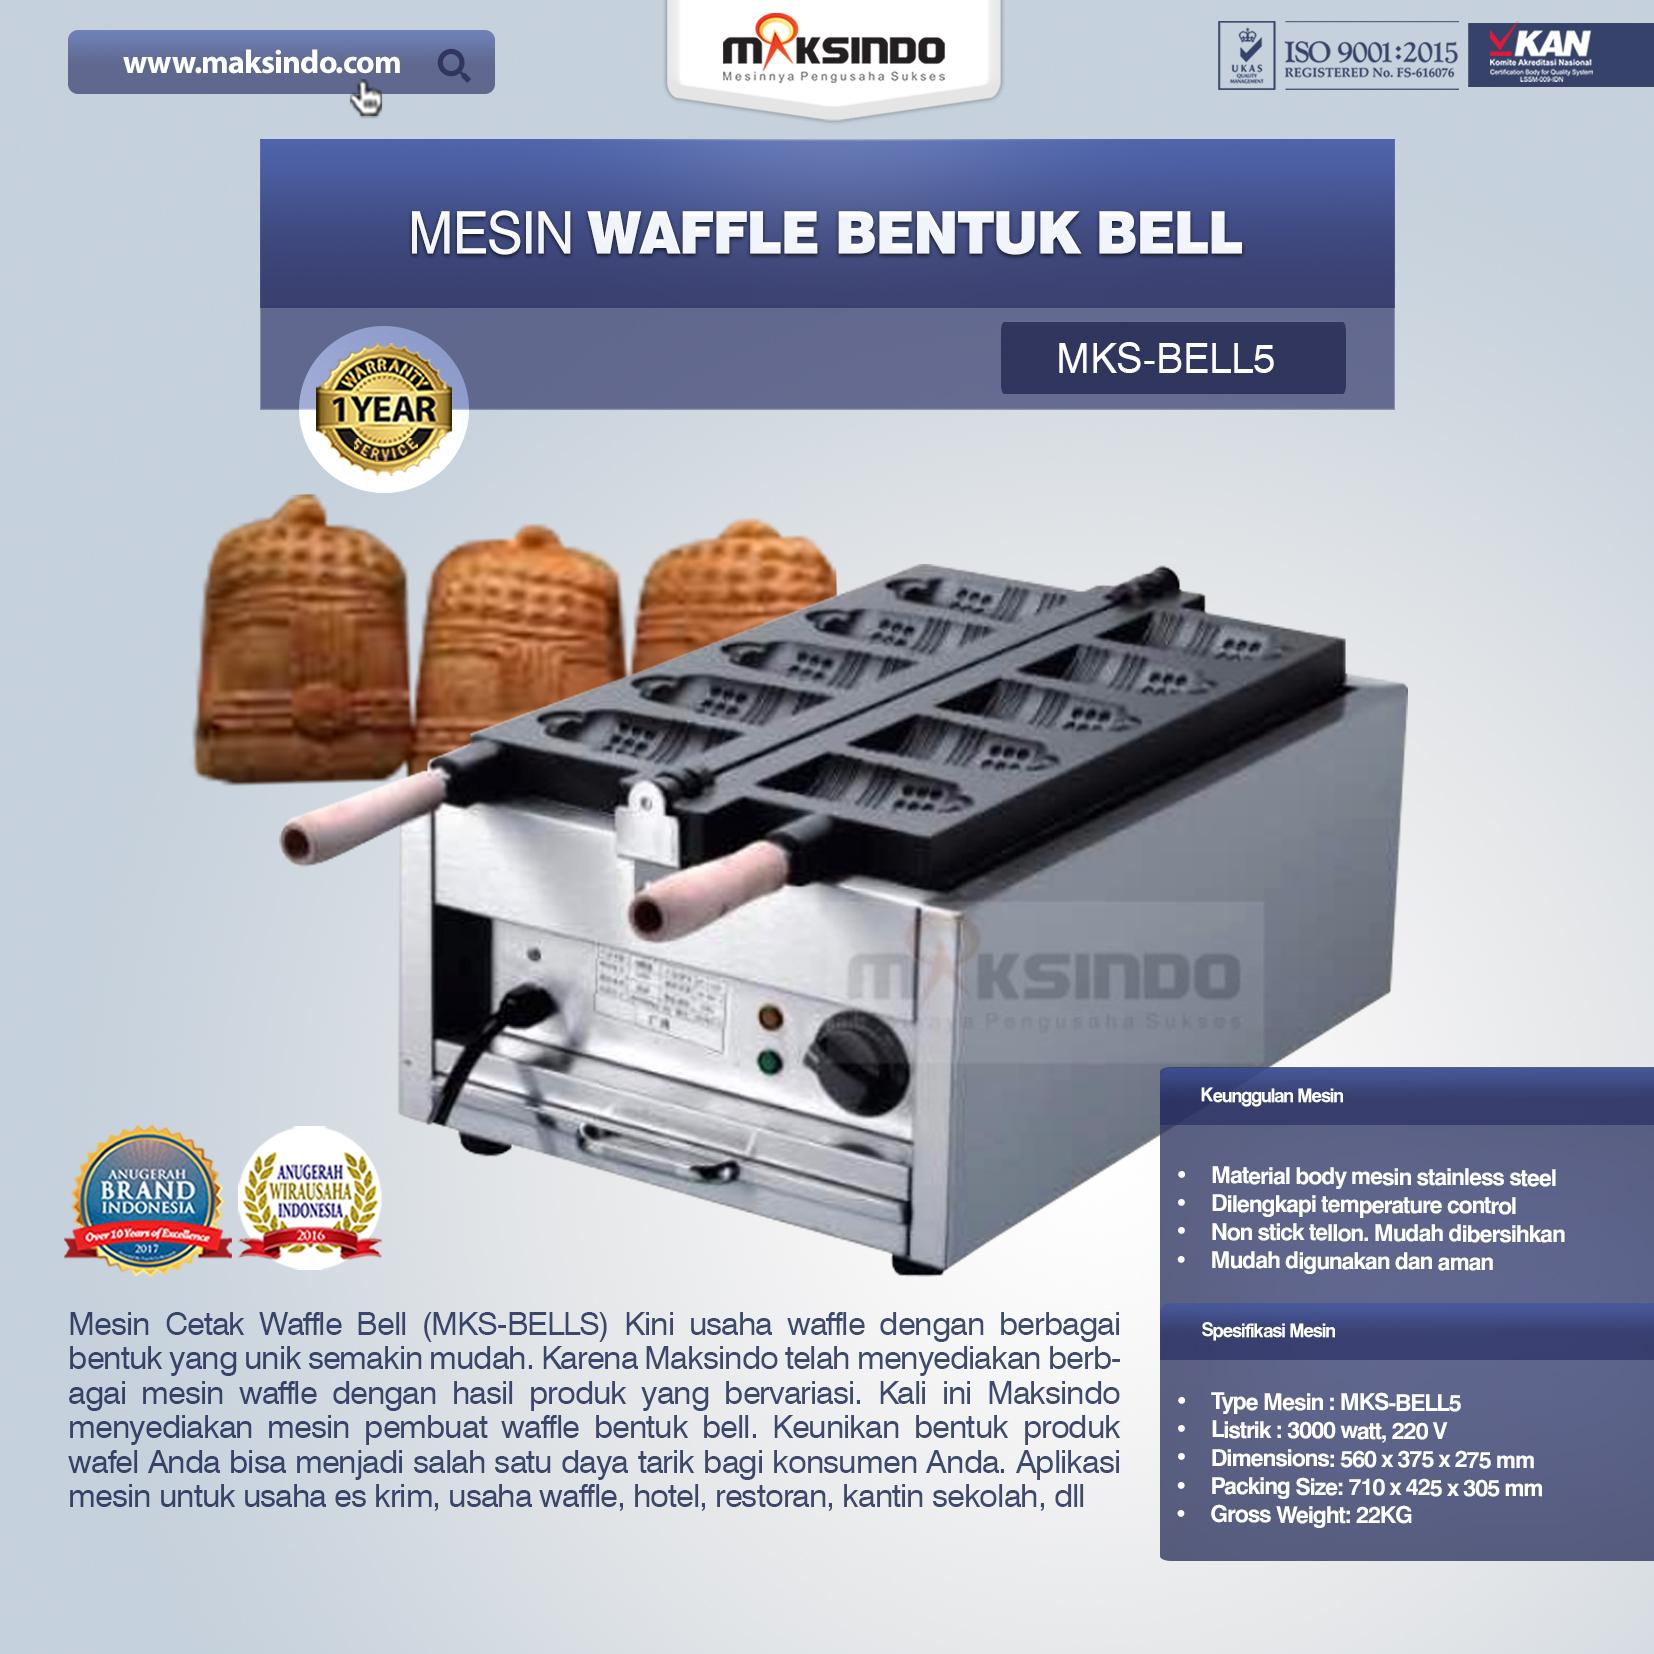 Jual Mesin Waffle Bentuk Bell (MKS-BELL5) di Blitar